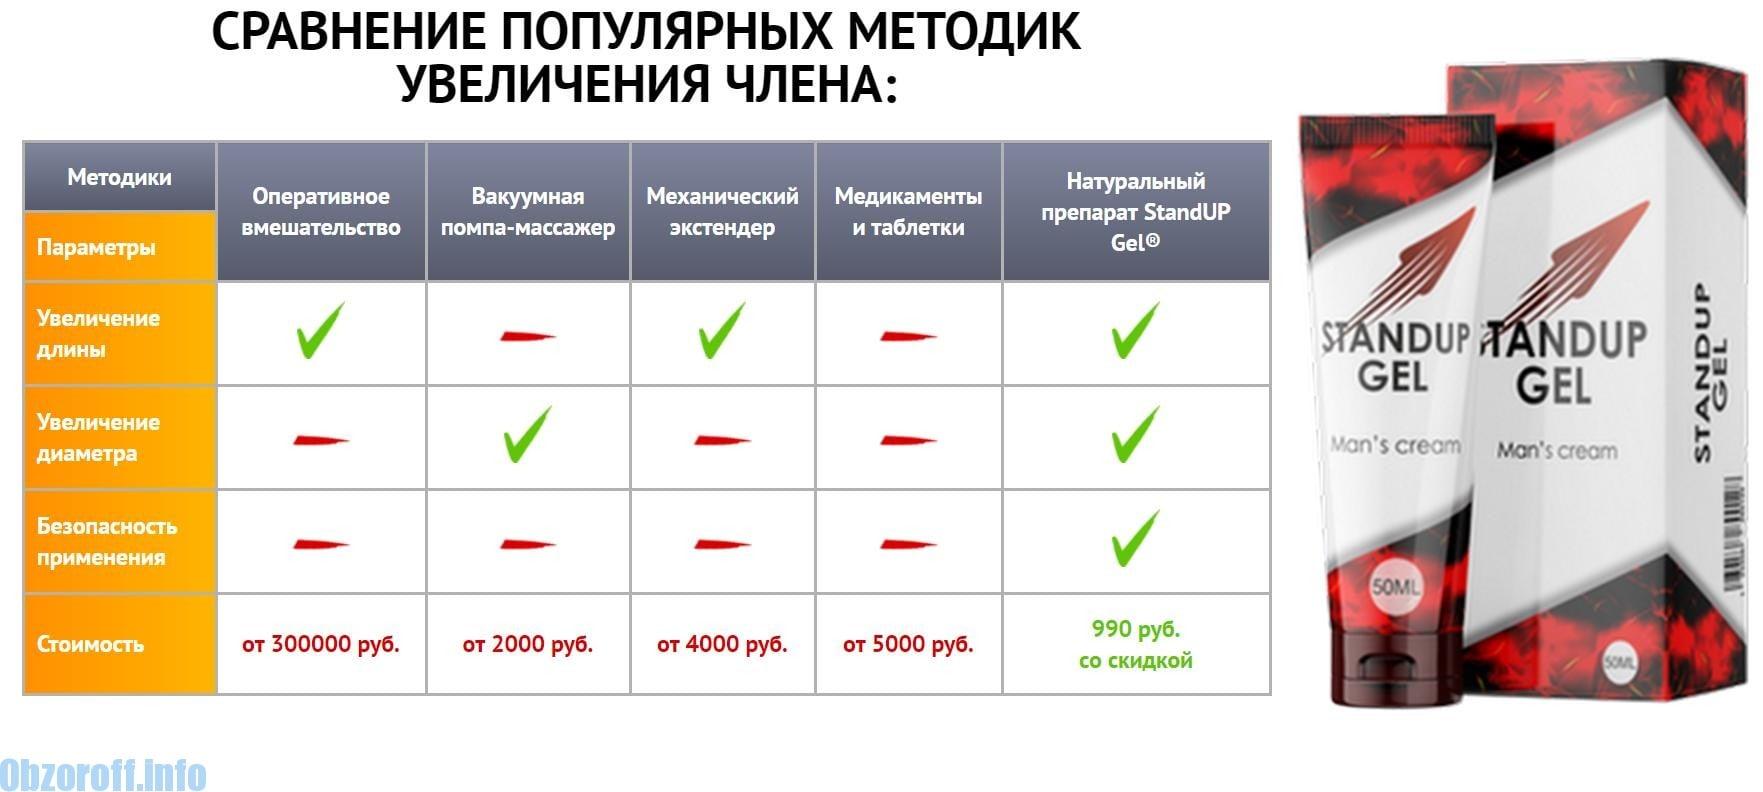 hagyományos erekciós módszerek)